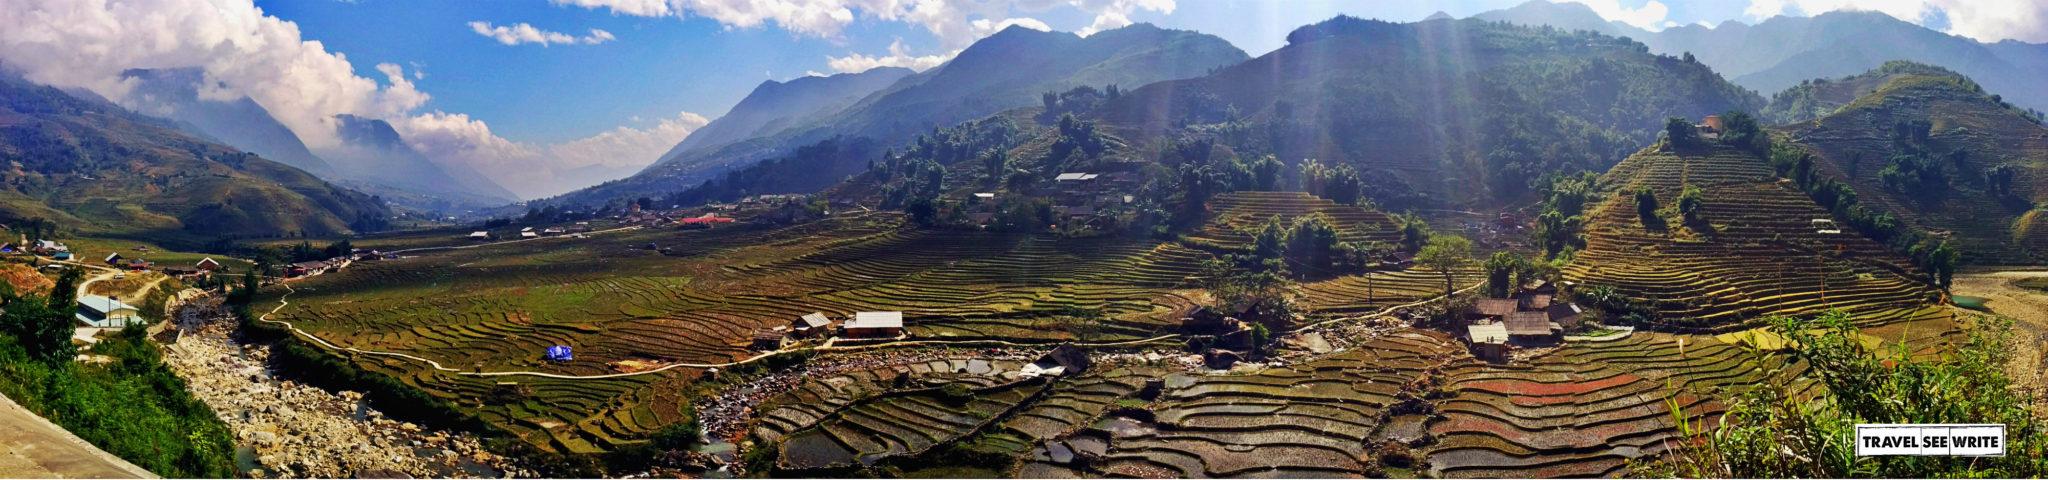 Sapa Valley Panaroma, Vietnam